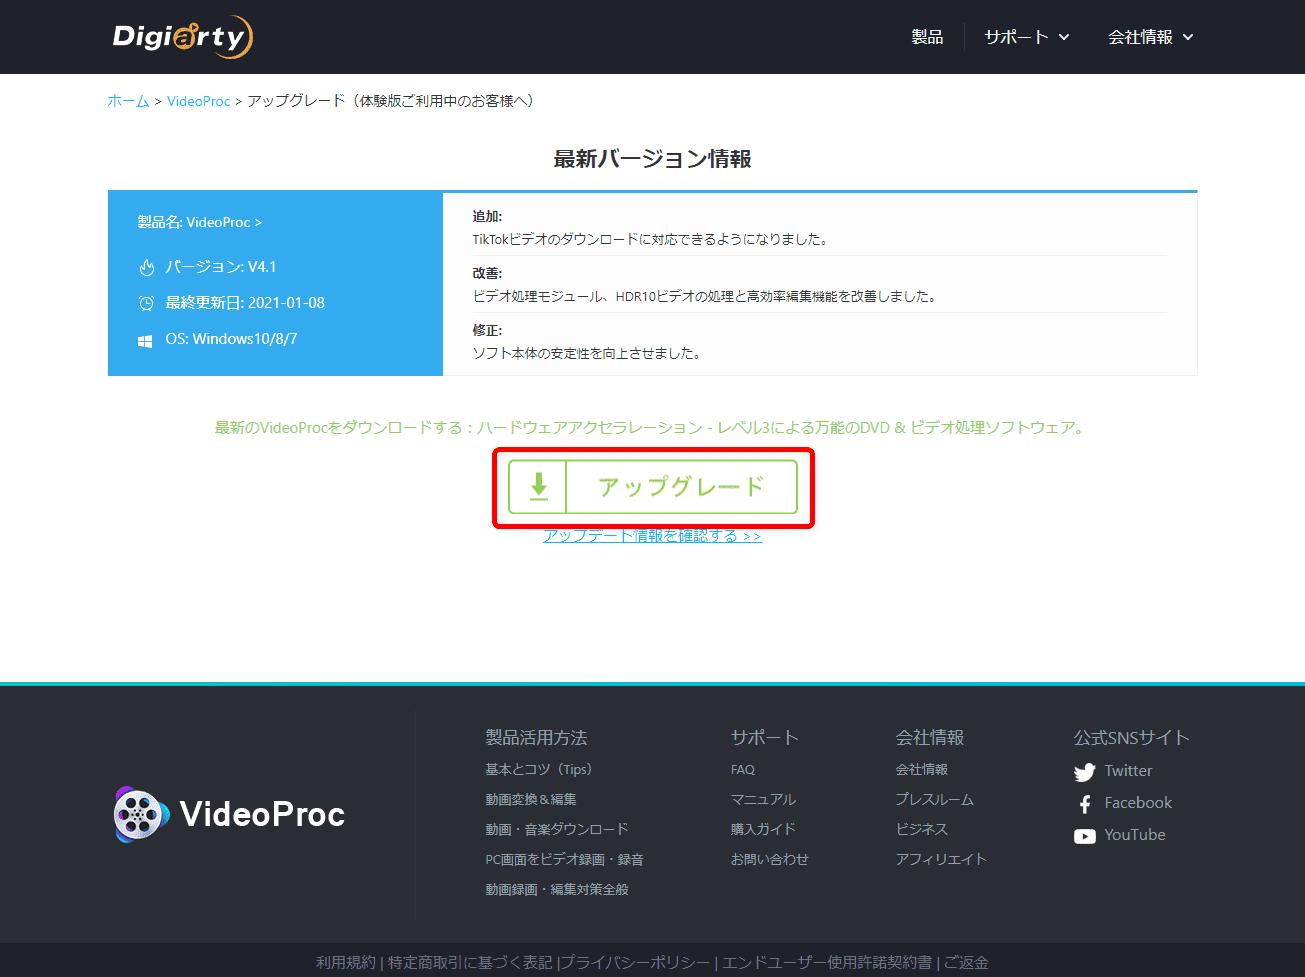 【VideoProcのアップデート方法】最新版に更新する方法は超シンプル!高機能DVDコピーソフト「VideoProc」のアップデート方法|更新の流れ:自動的にブラウザが立ち上がって最新版をダウンロードできるページが表示されます。 「アップグレード」と書かれたボタンをクリックして、最新版をダウンロードしましょう。